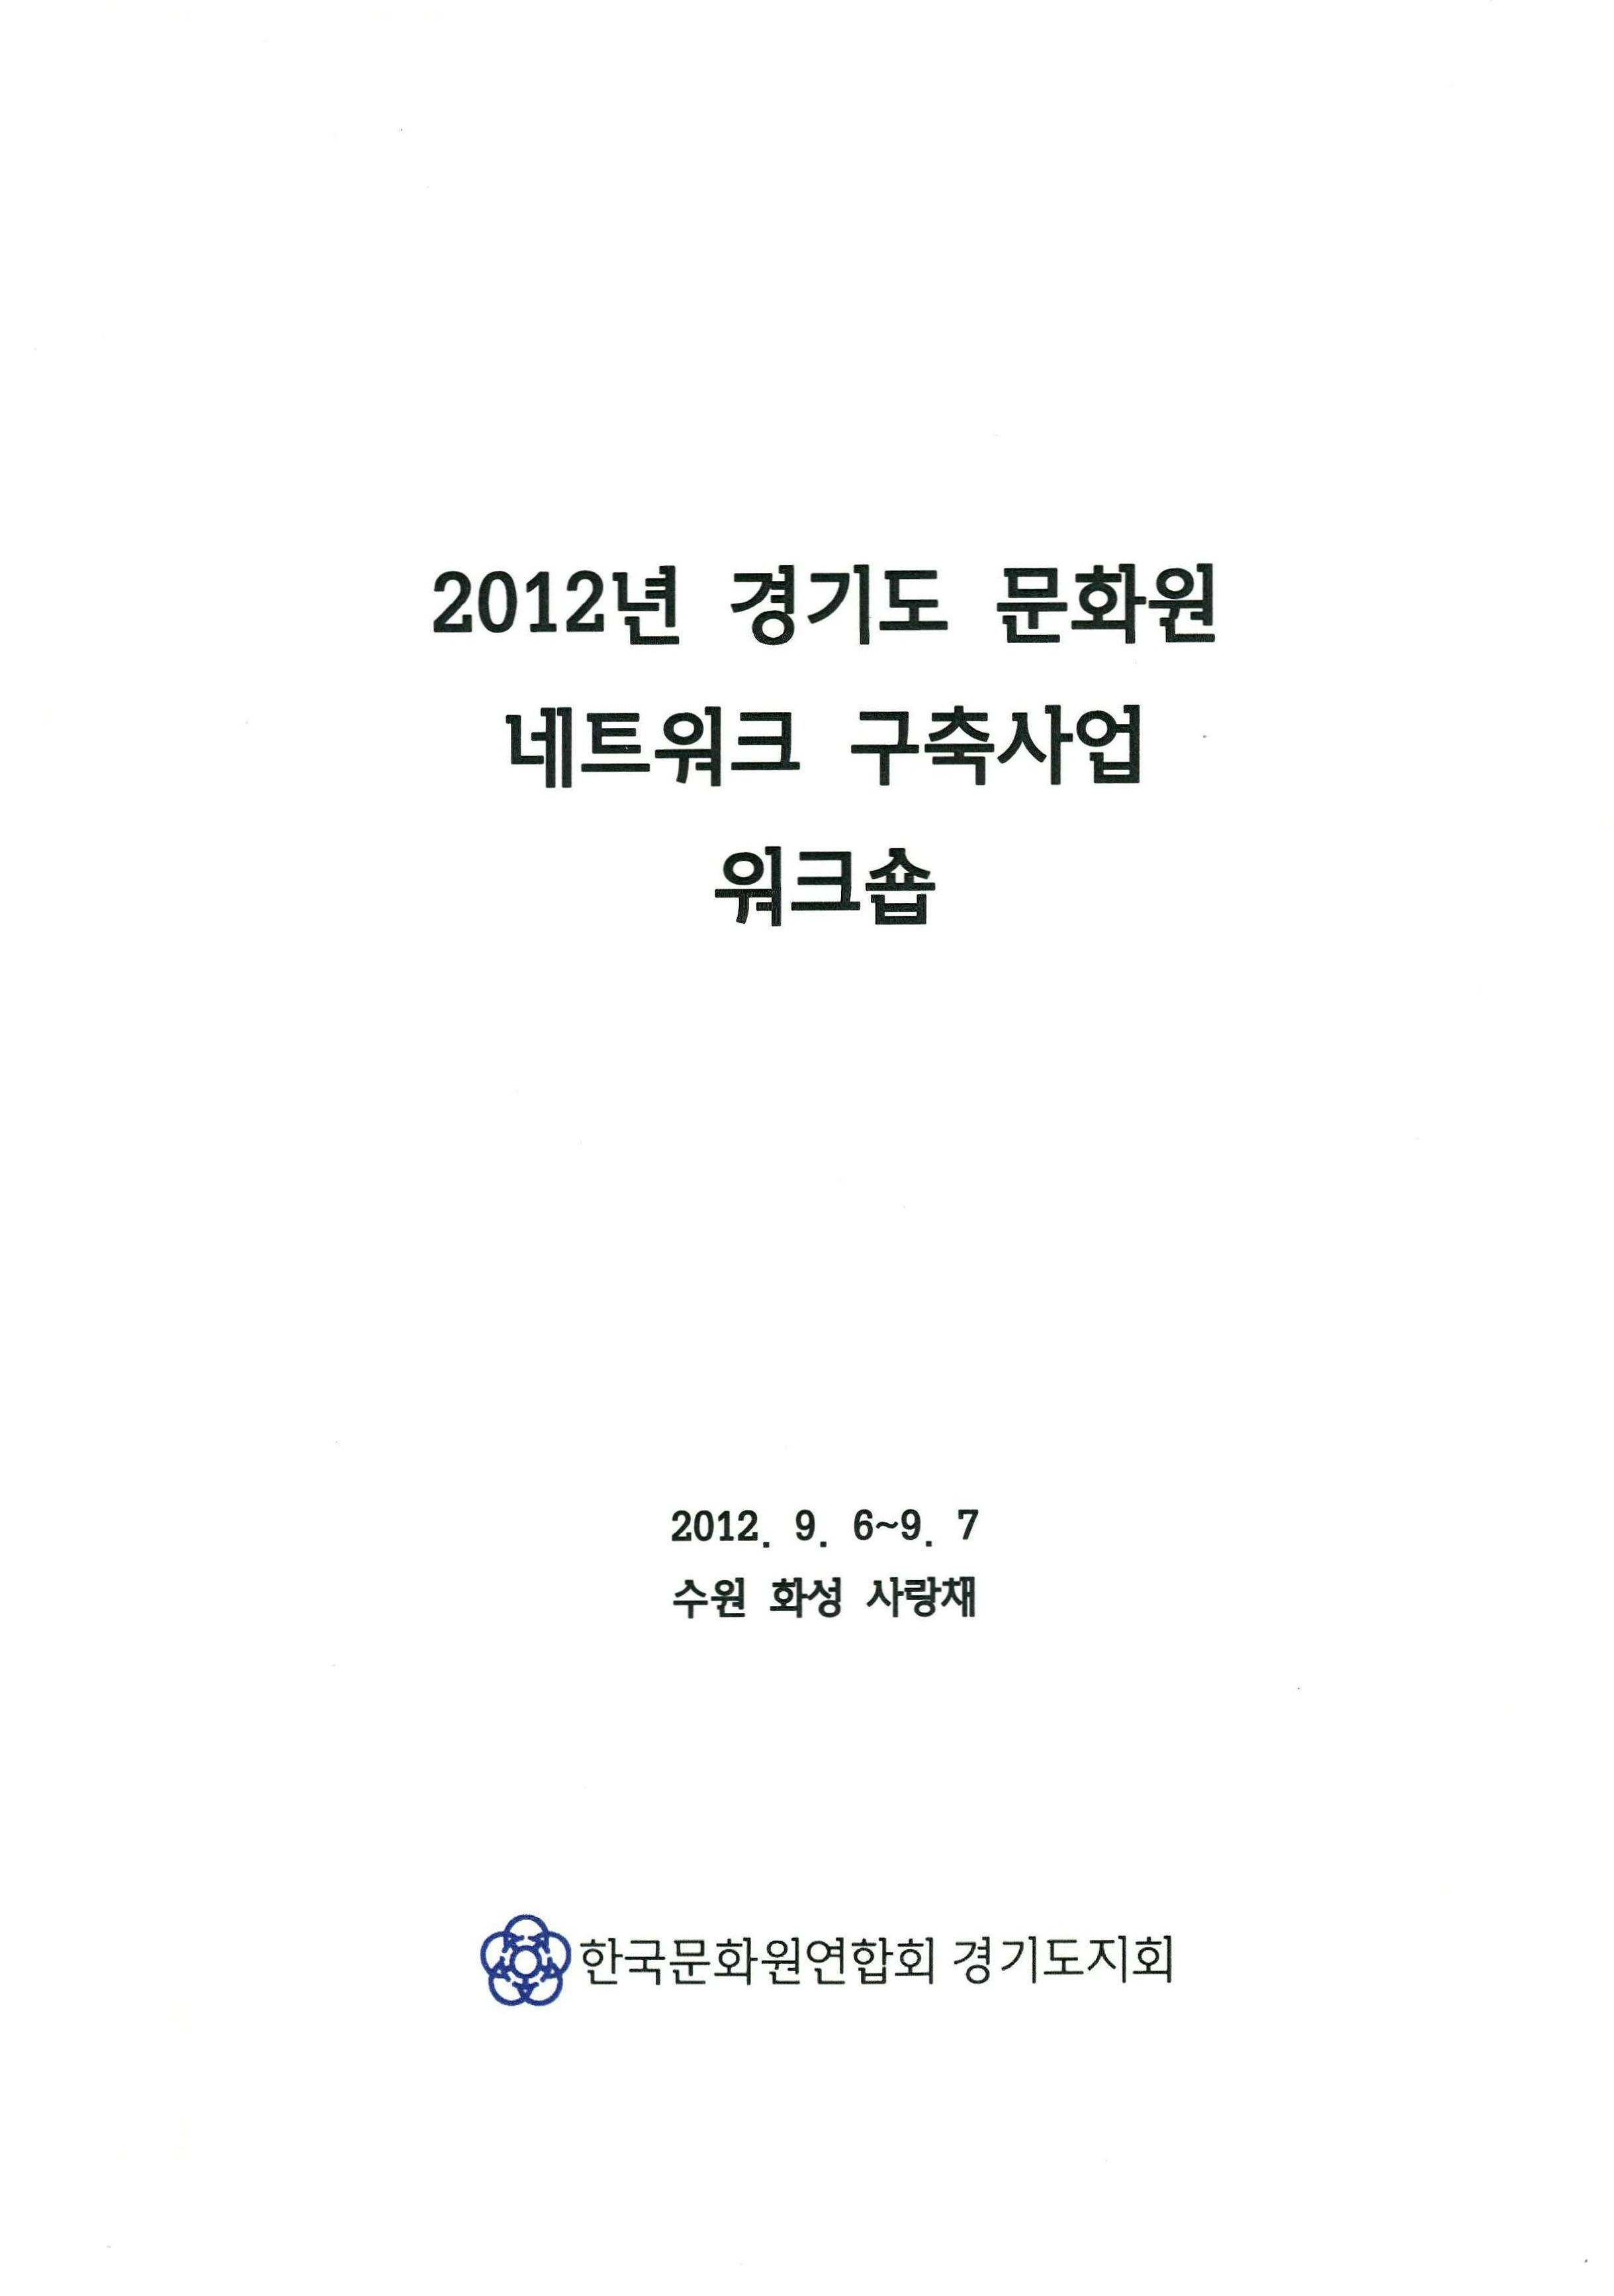 2012년 경기도 문화원 네트워크 구축사업 워크숍